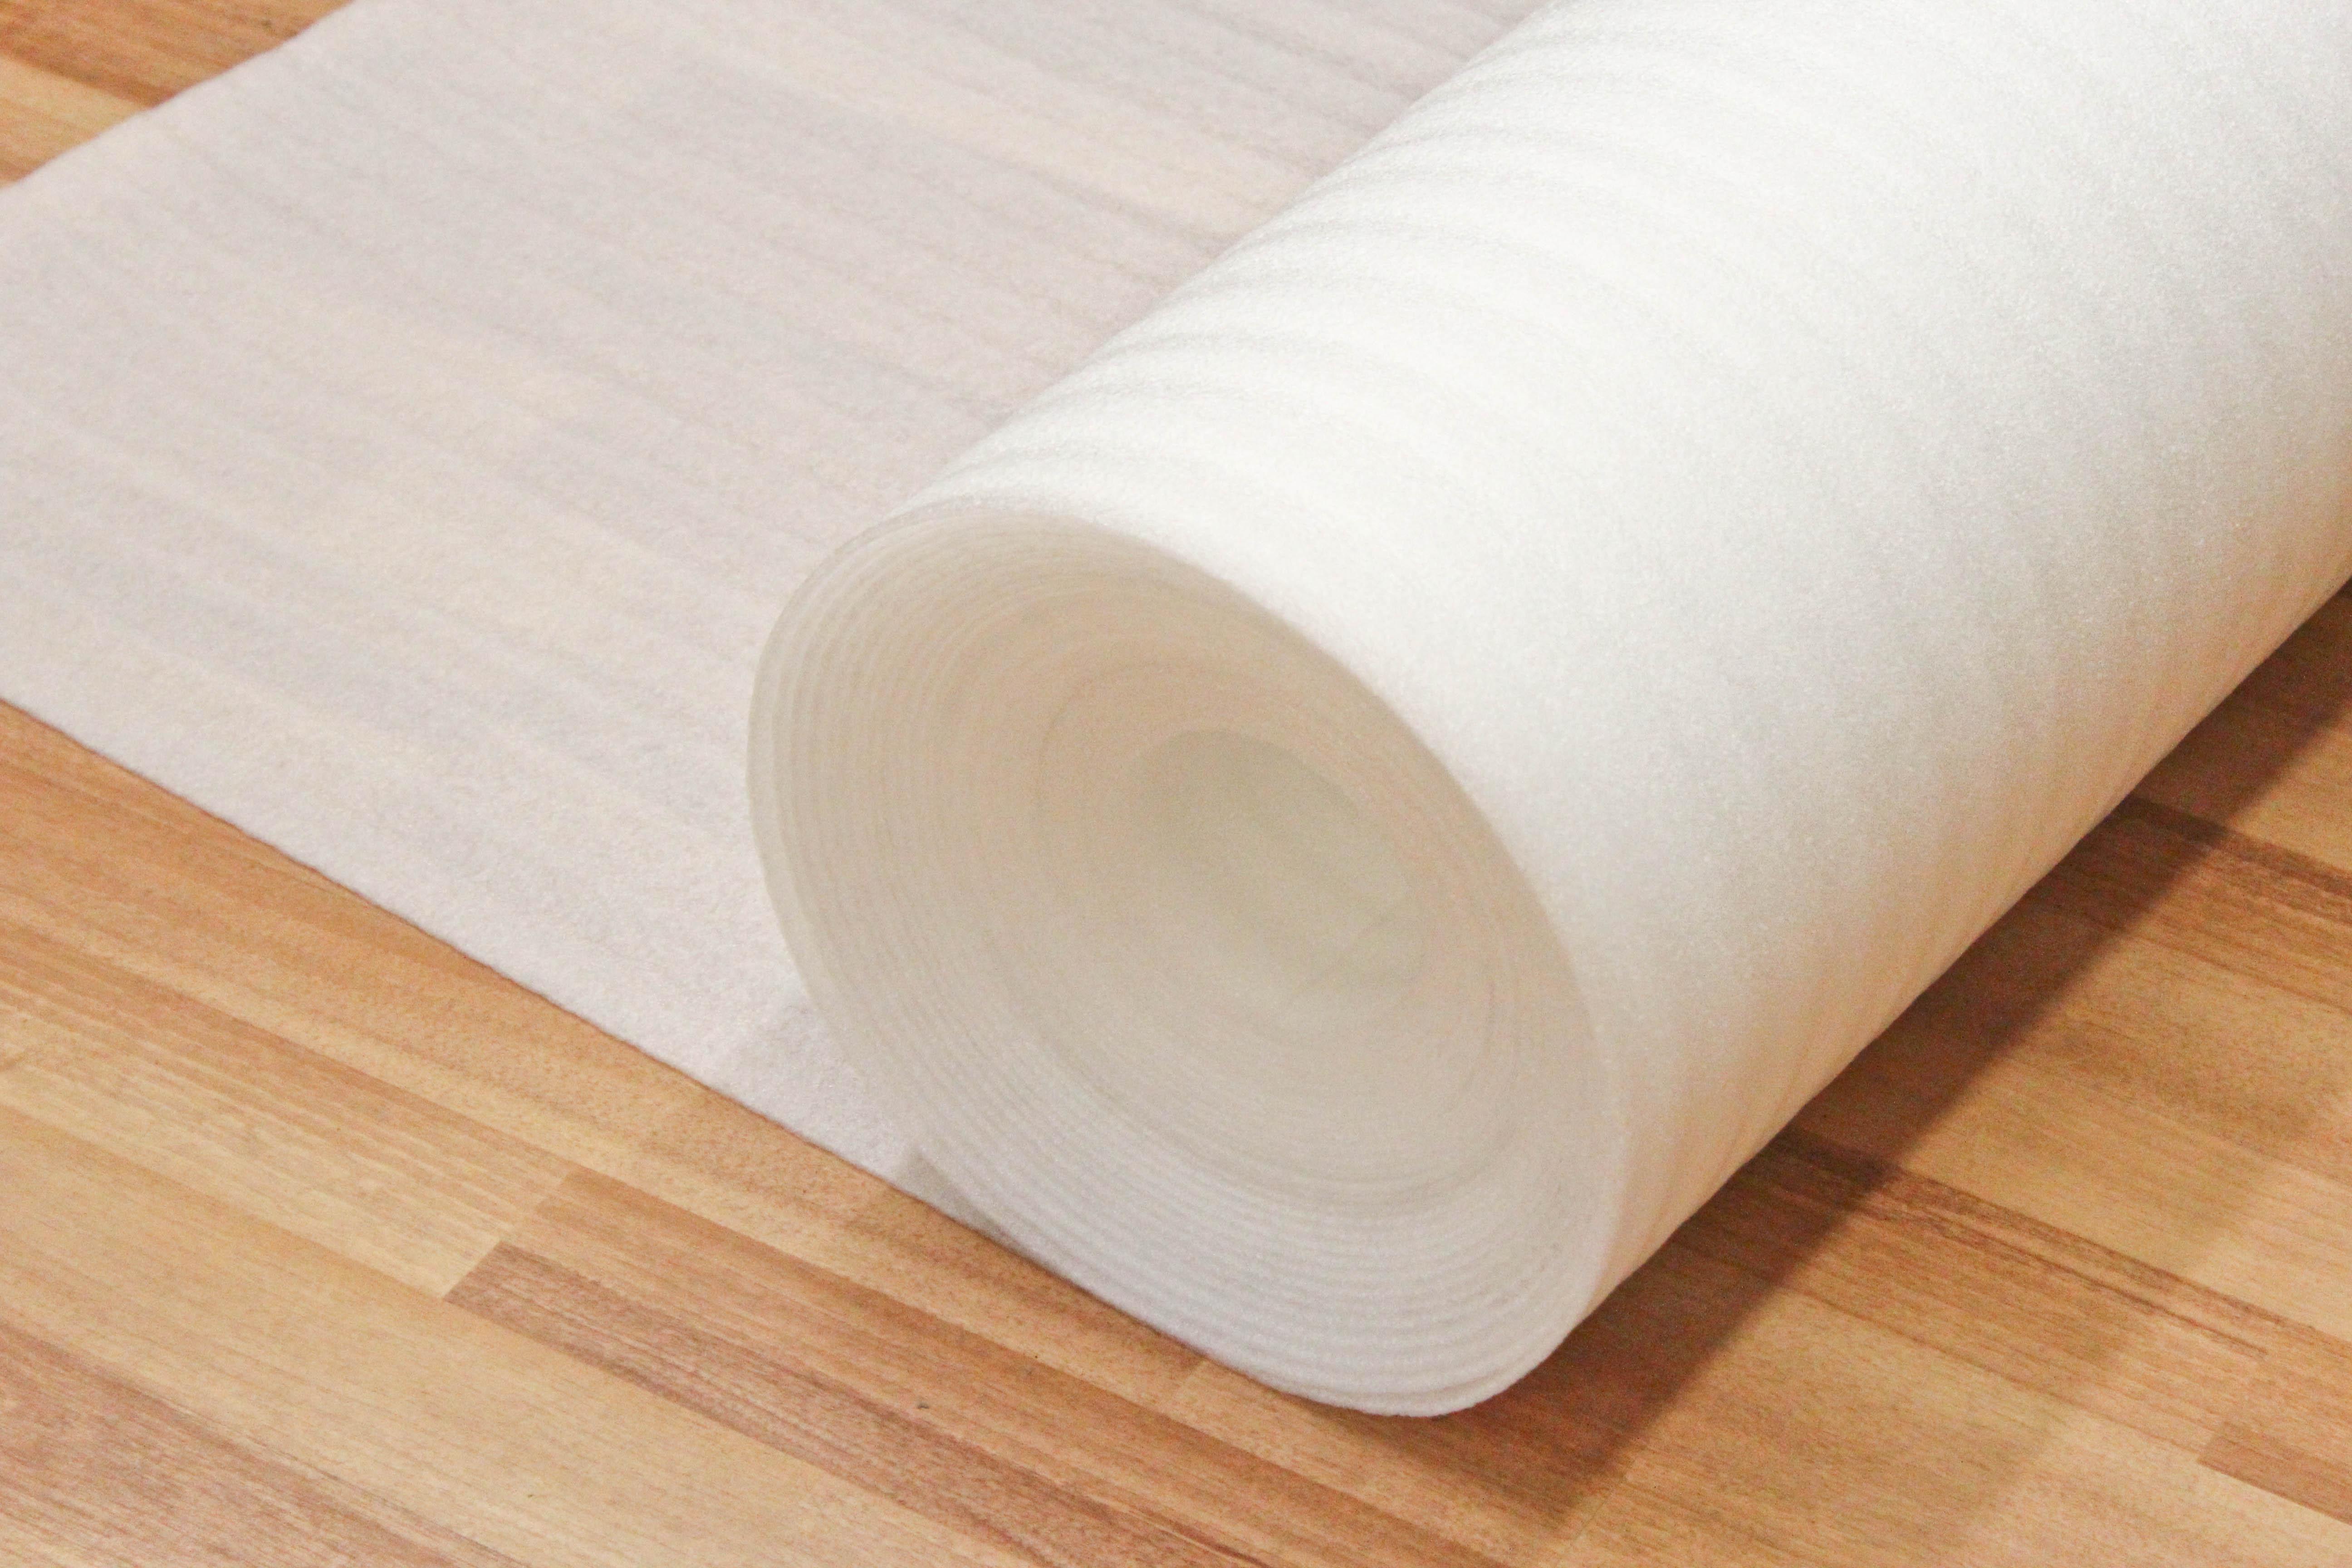 Installing underlay for laminate flooring